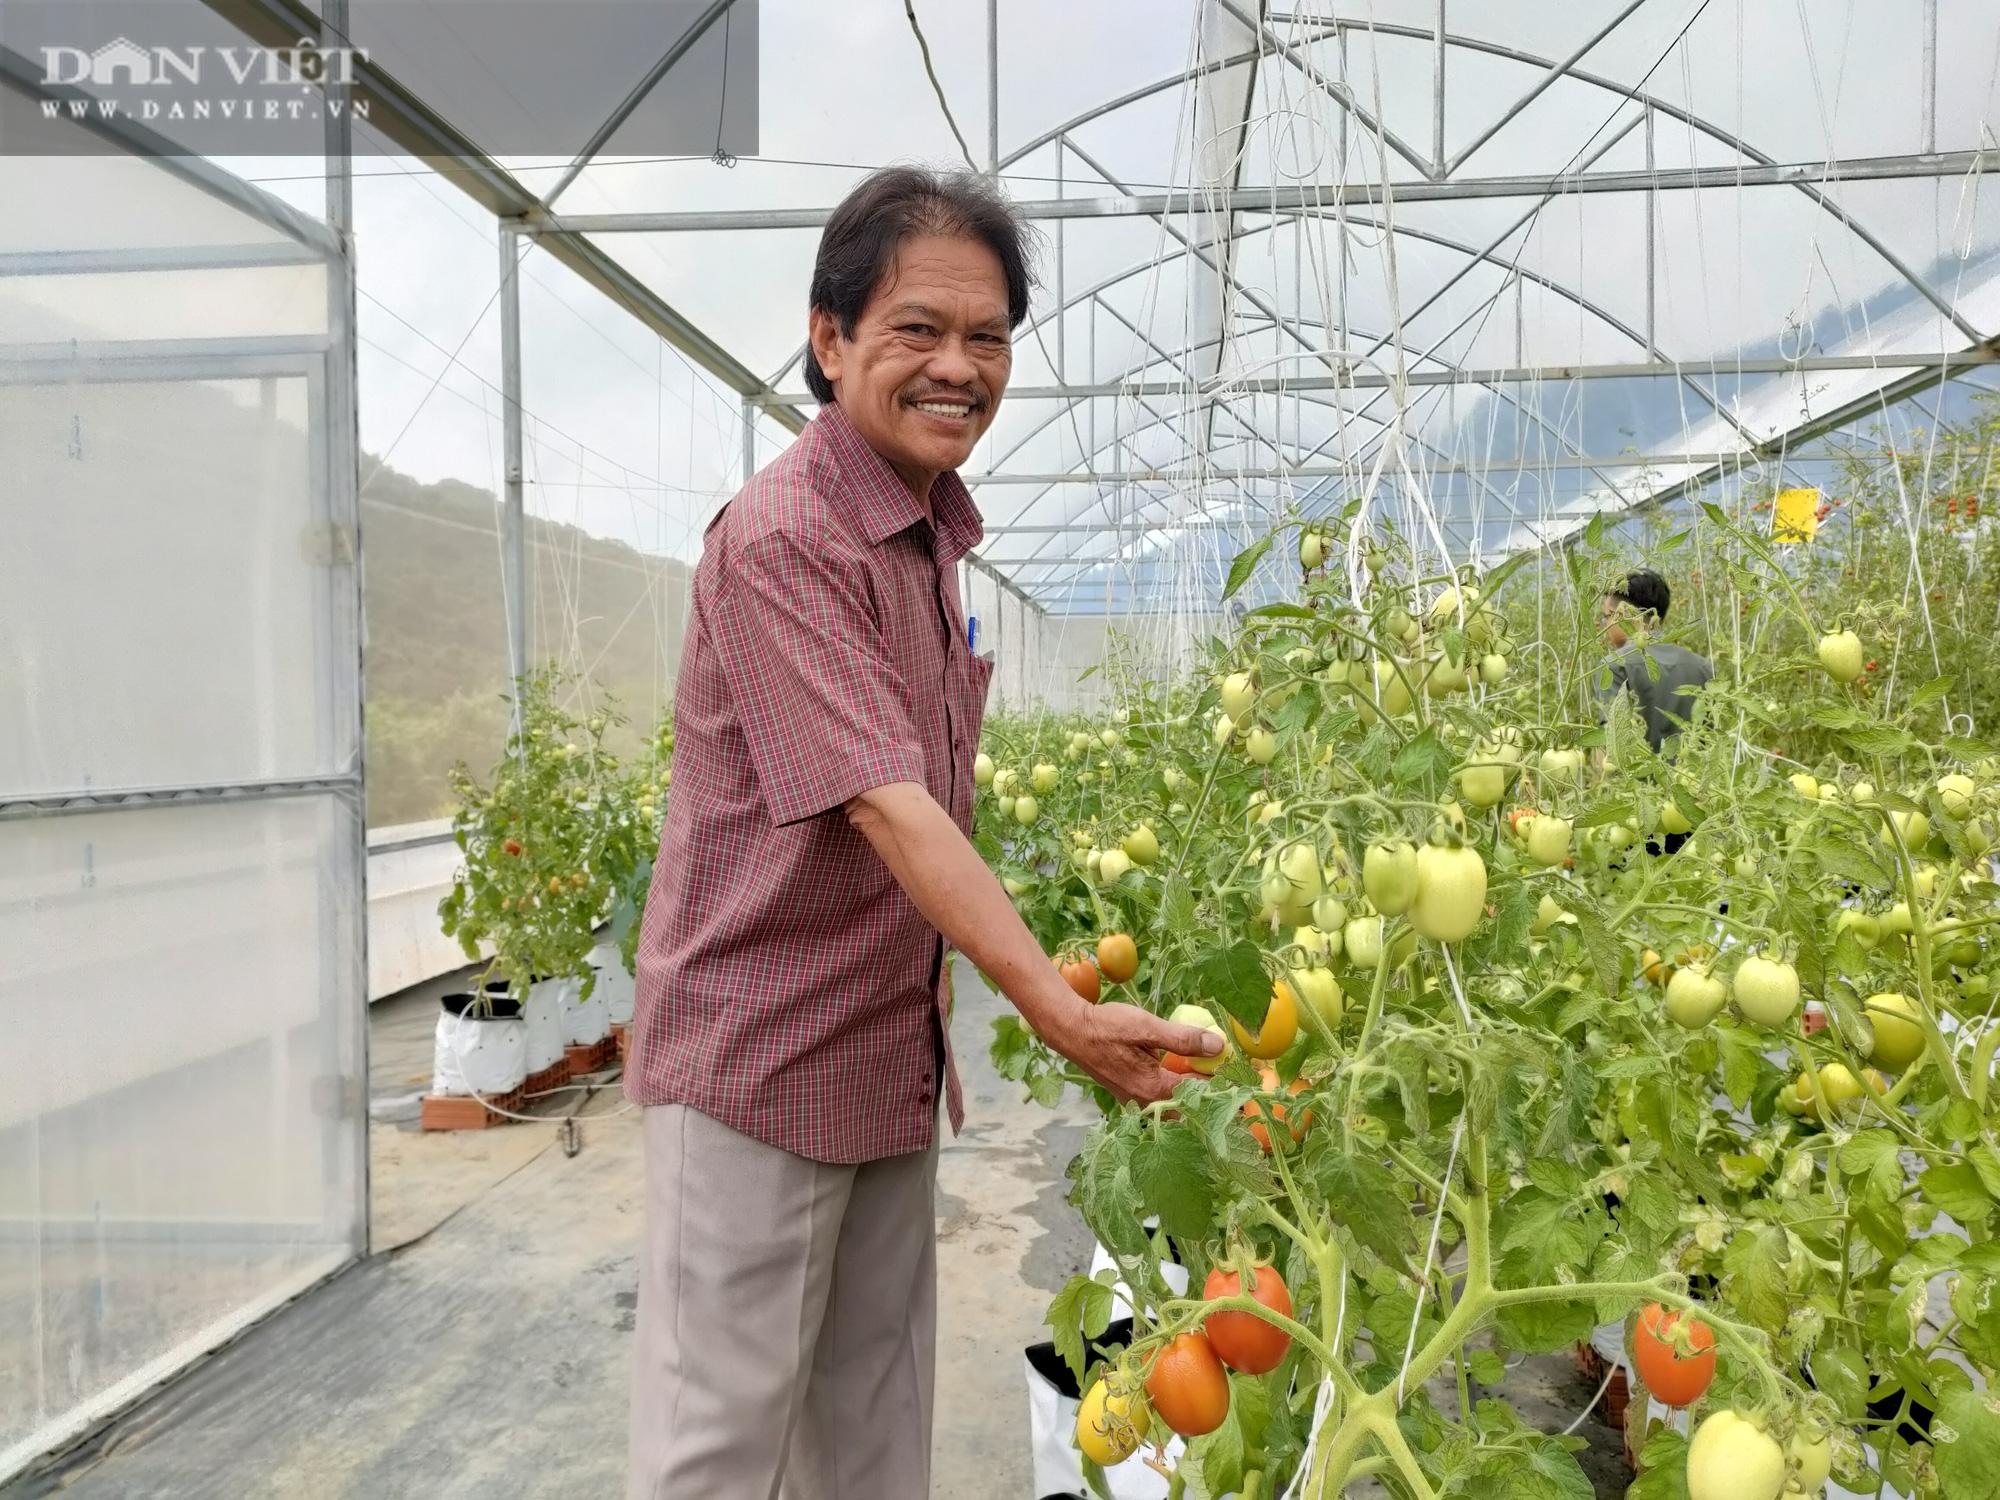 """Ngắm vườn cà chua chuỗi ngọc mọc """"chi chít"""" quả trên đồi - Ảnh 13."""